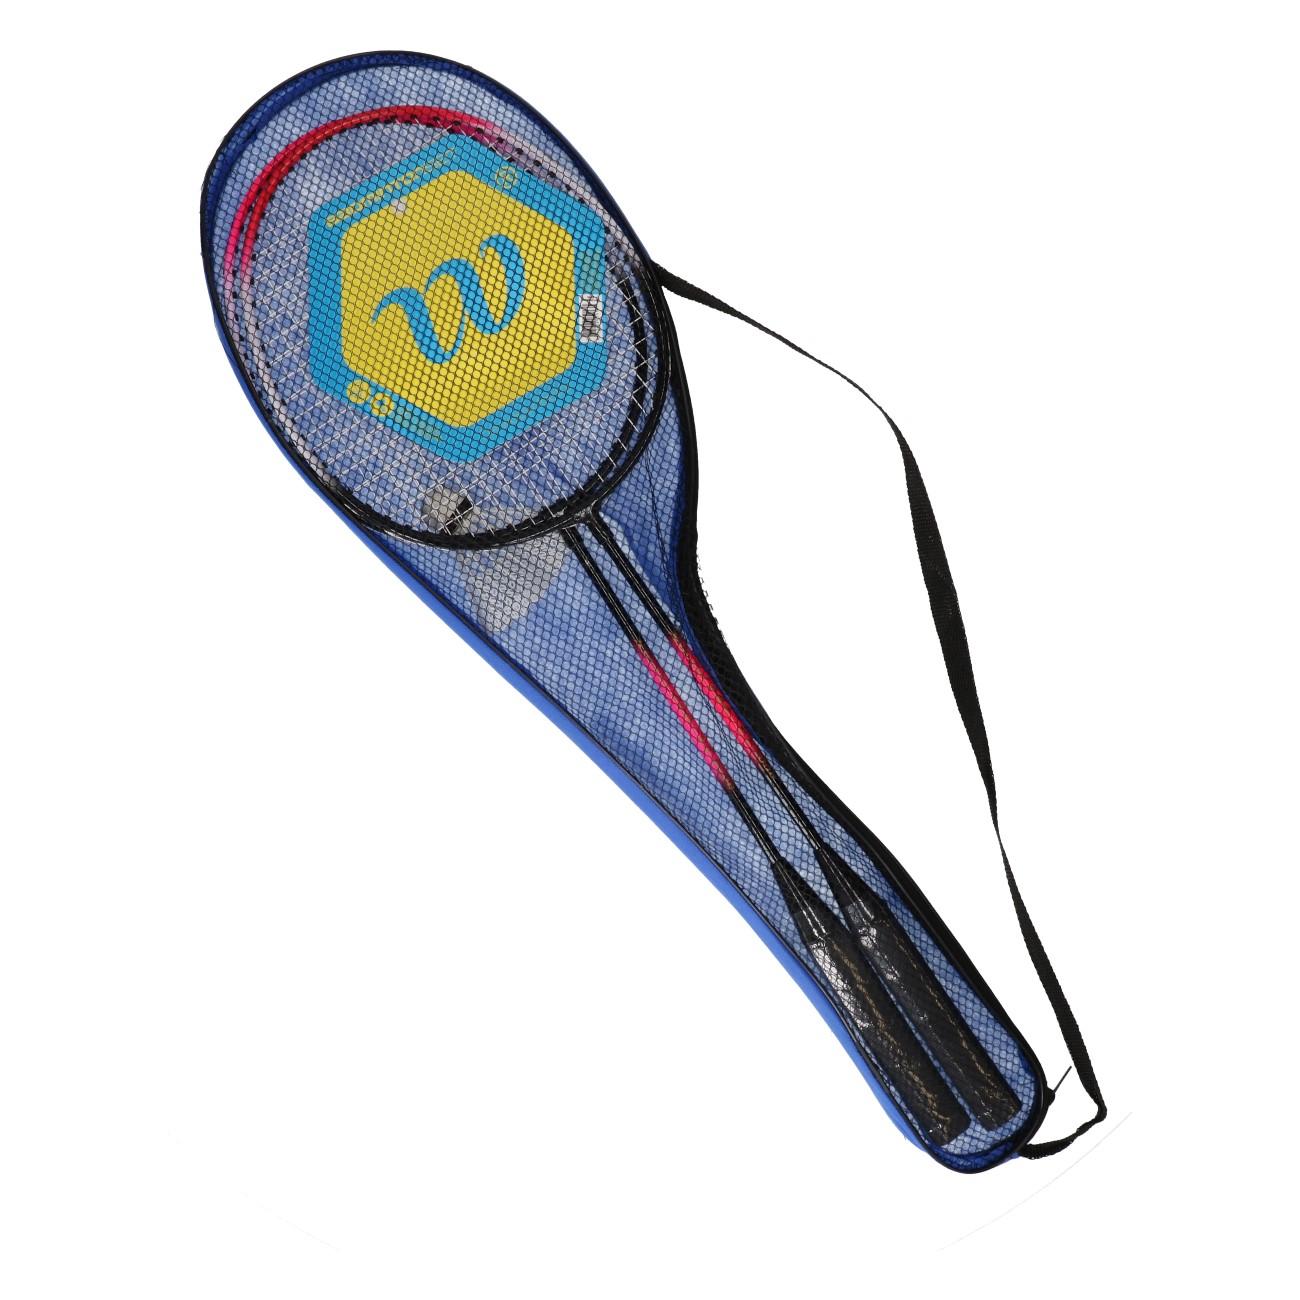 Badminton racket wauw